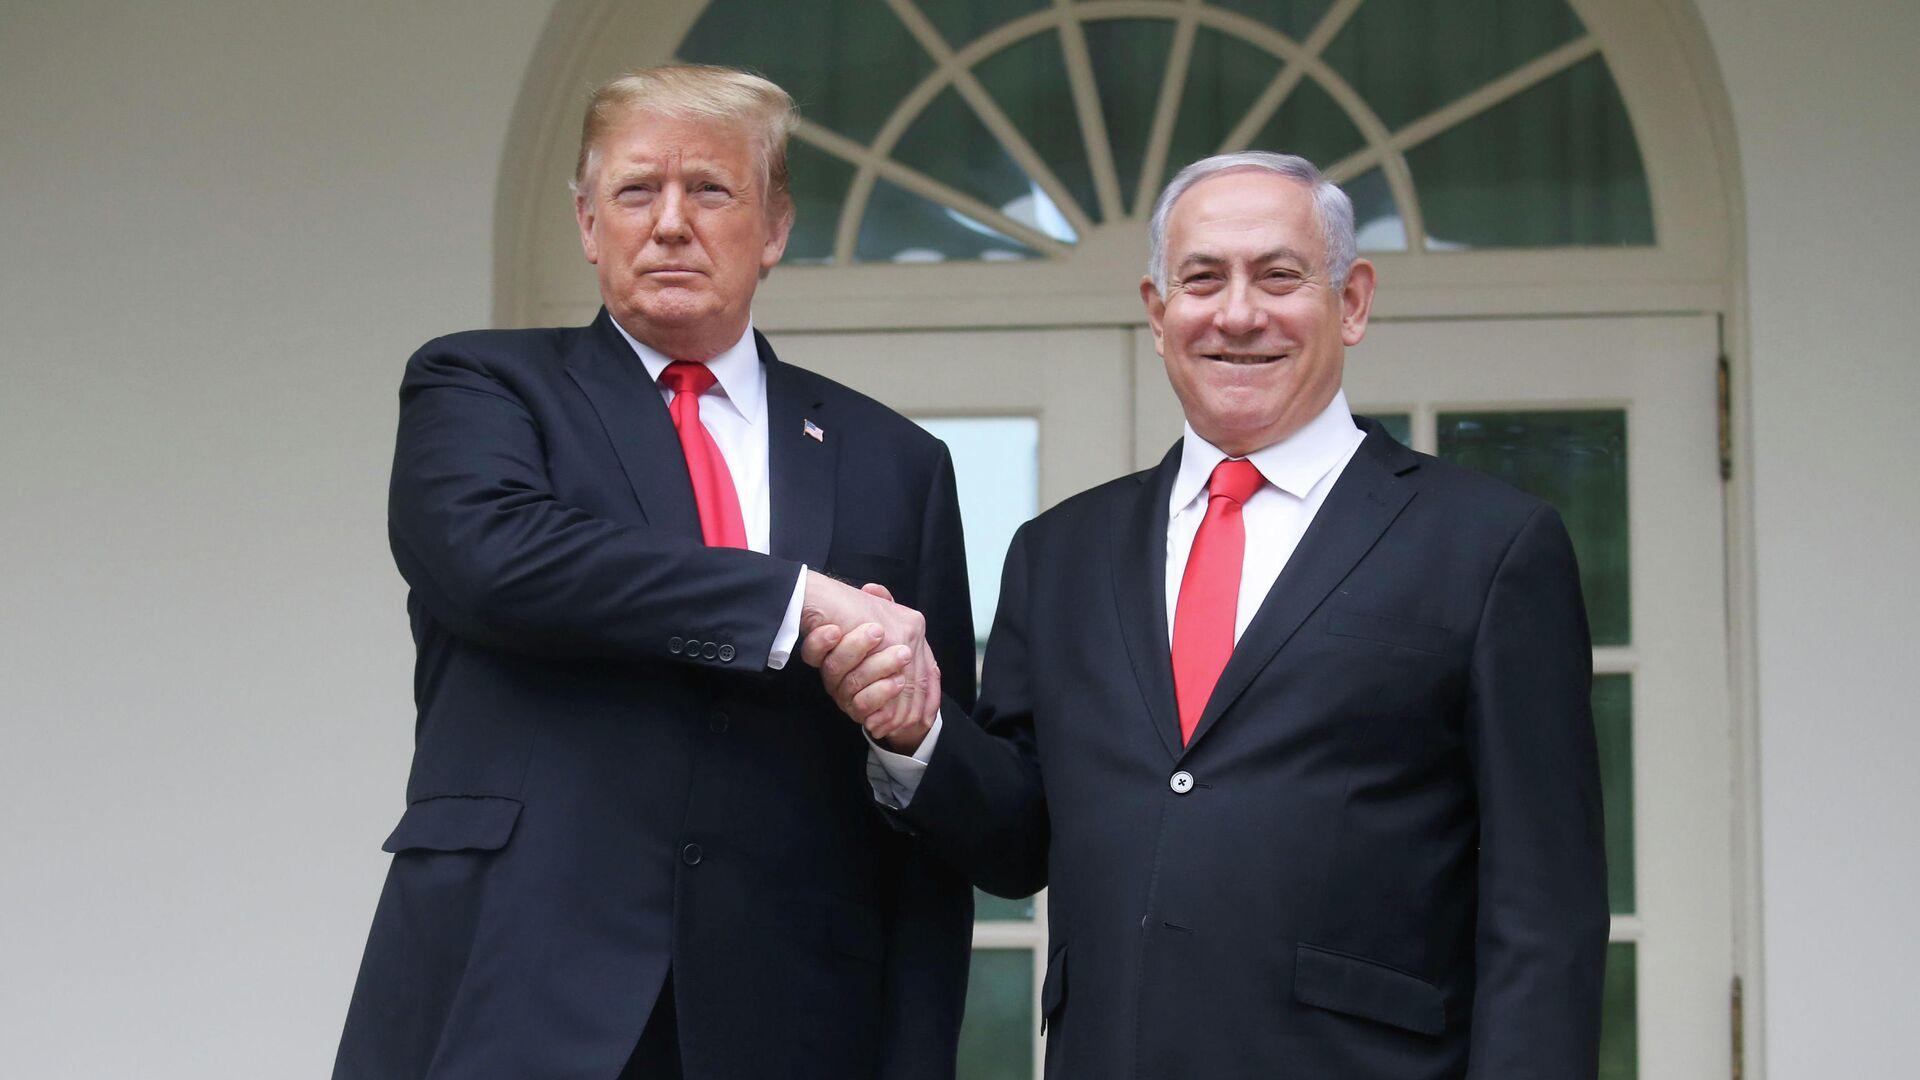 Президент США Дональд Трамп и премьер-министр Израиля Биньямин Нетаньяху в Белом доме в Вашингтоне. 25 марта 2019  - РИА Новости, 1920, 12.01.2021